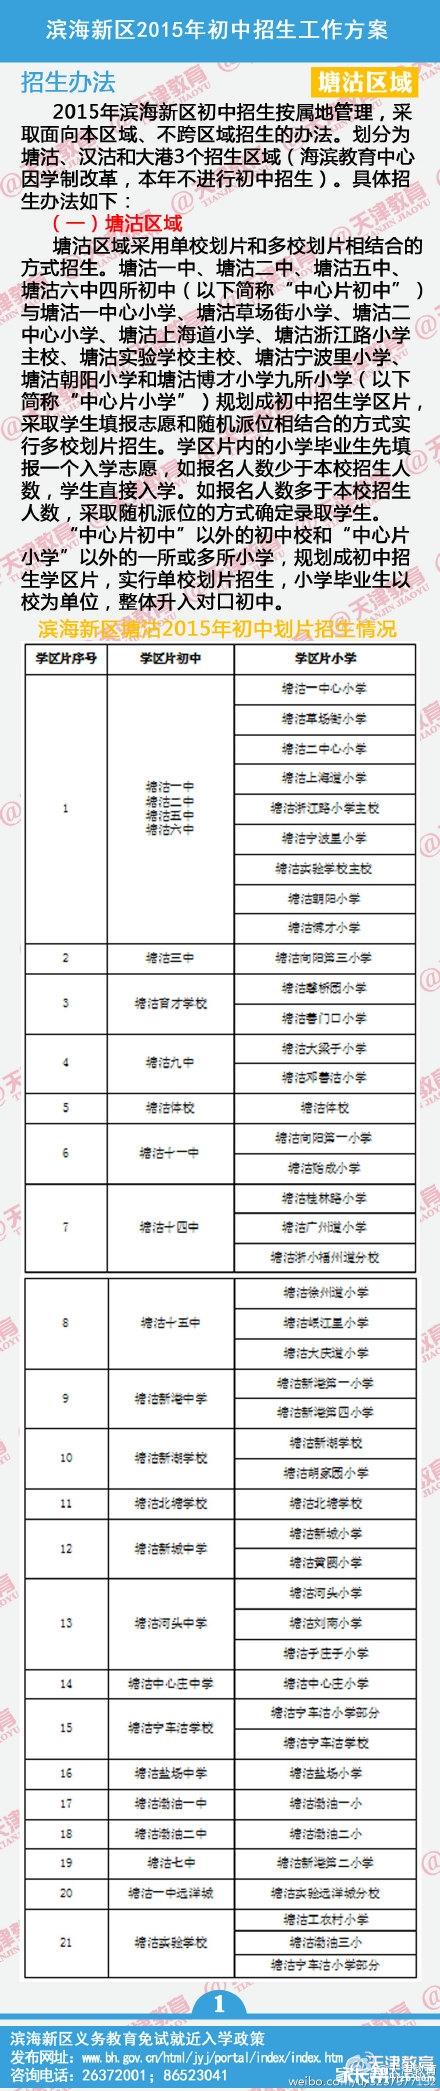 2015天津滨海新区小升初就近入学实施办法